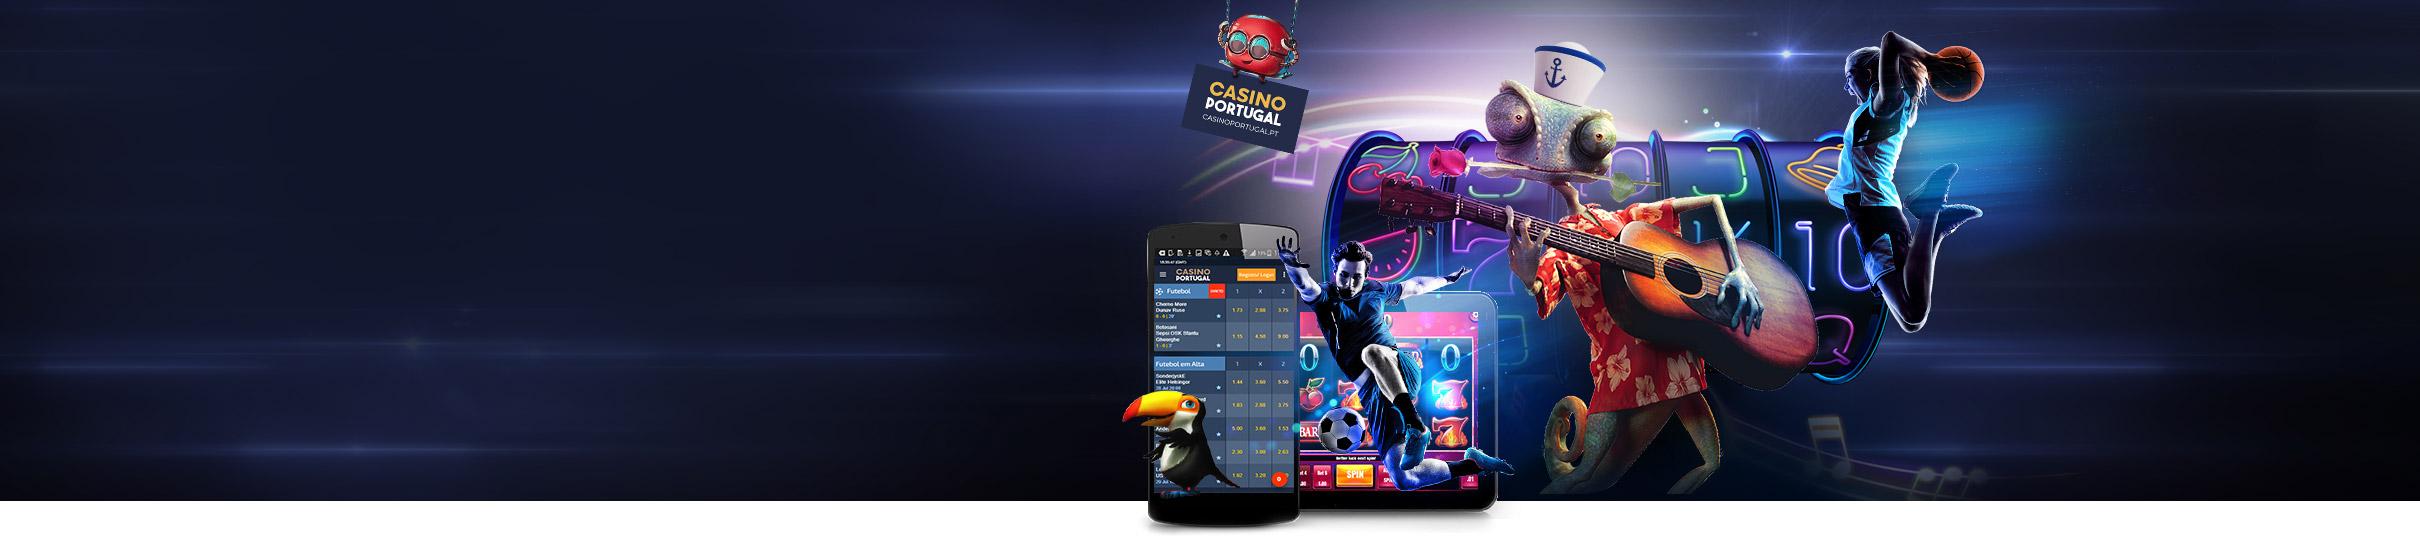 Casino Portugal